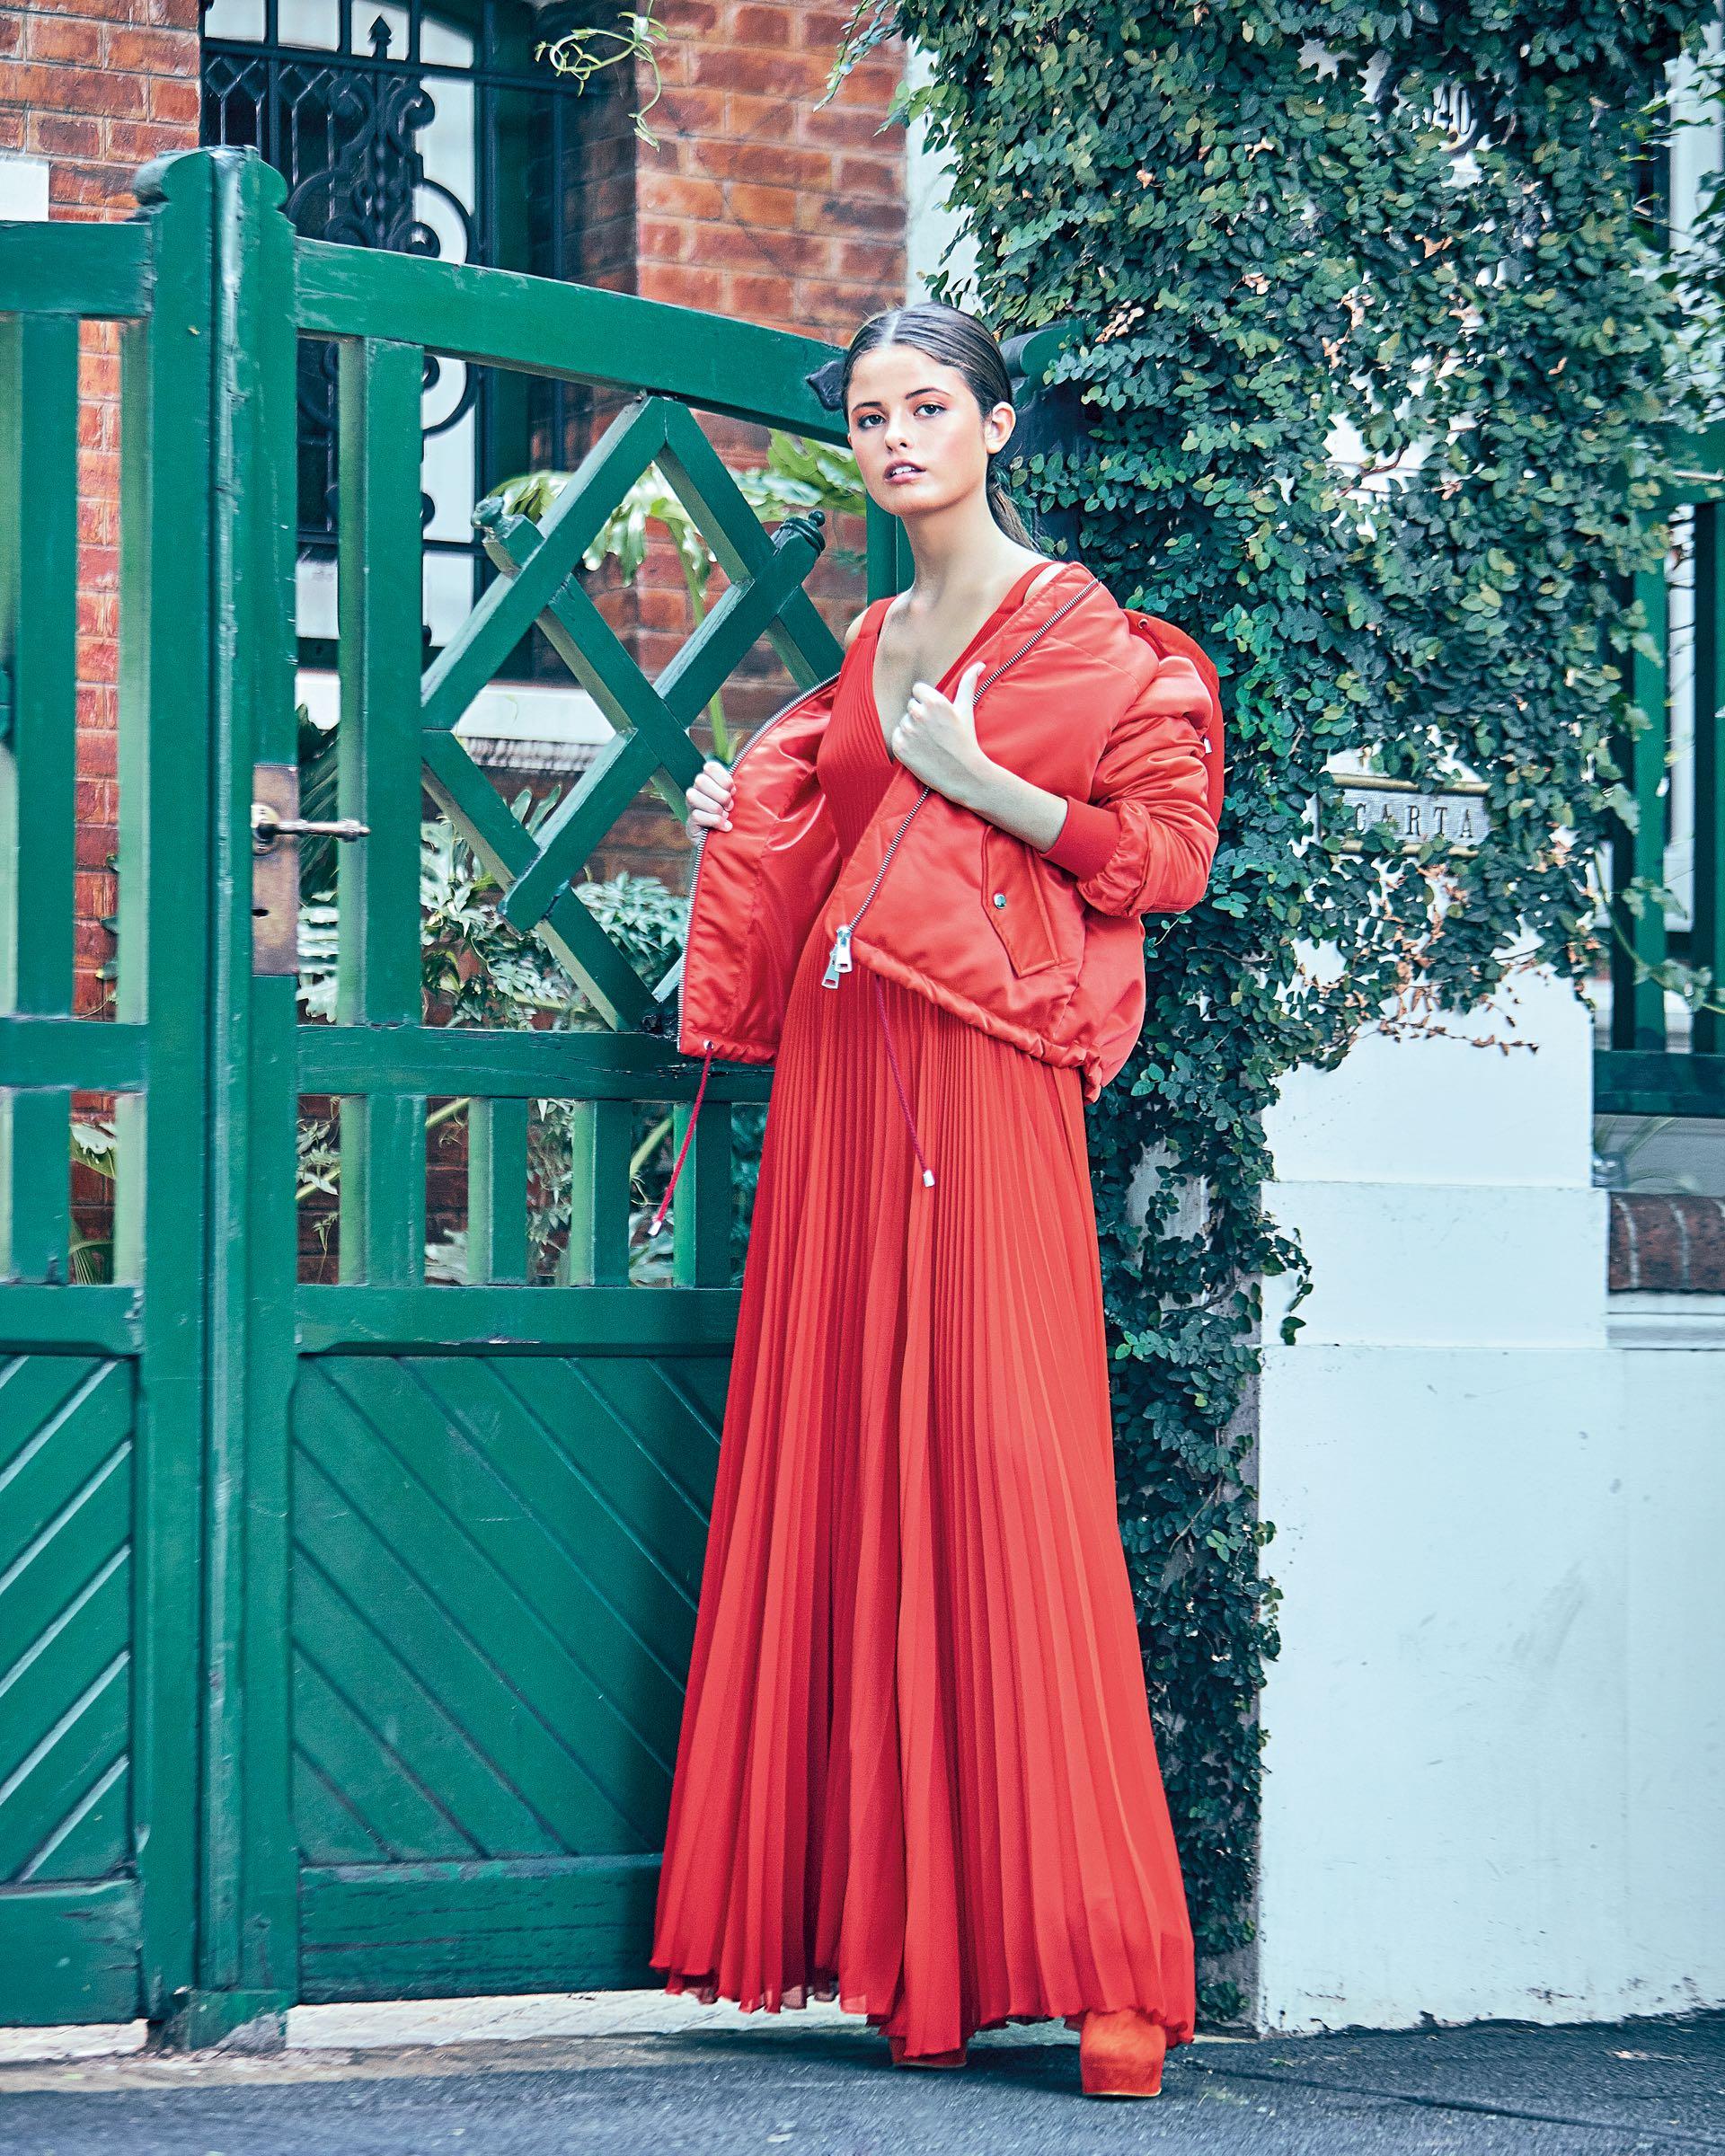 Vestido largo plisado (aprox. $ 9.500, Allô Martínez), campera inflable ($ 2.499, Yagmour) y botinetas de gamuza ($ 6.880, The Bag Belt). (Foto: Juan Manuel Rodríguez/ Para Ti)